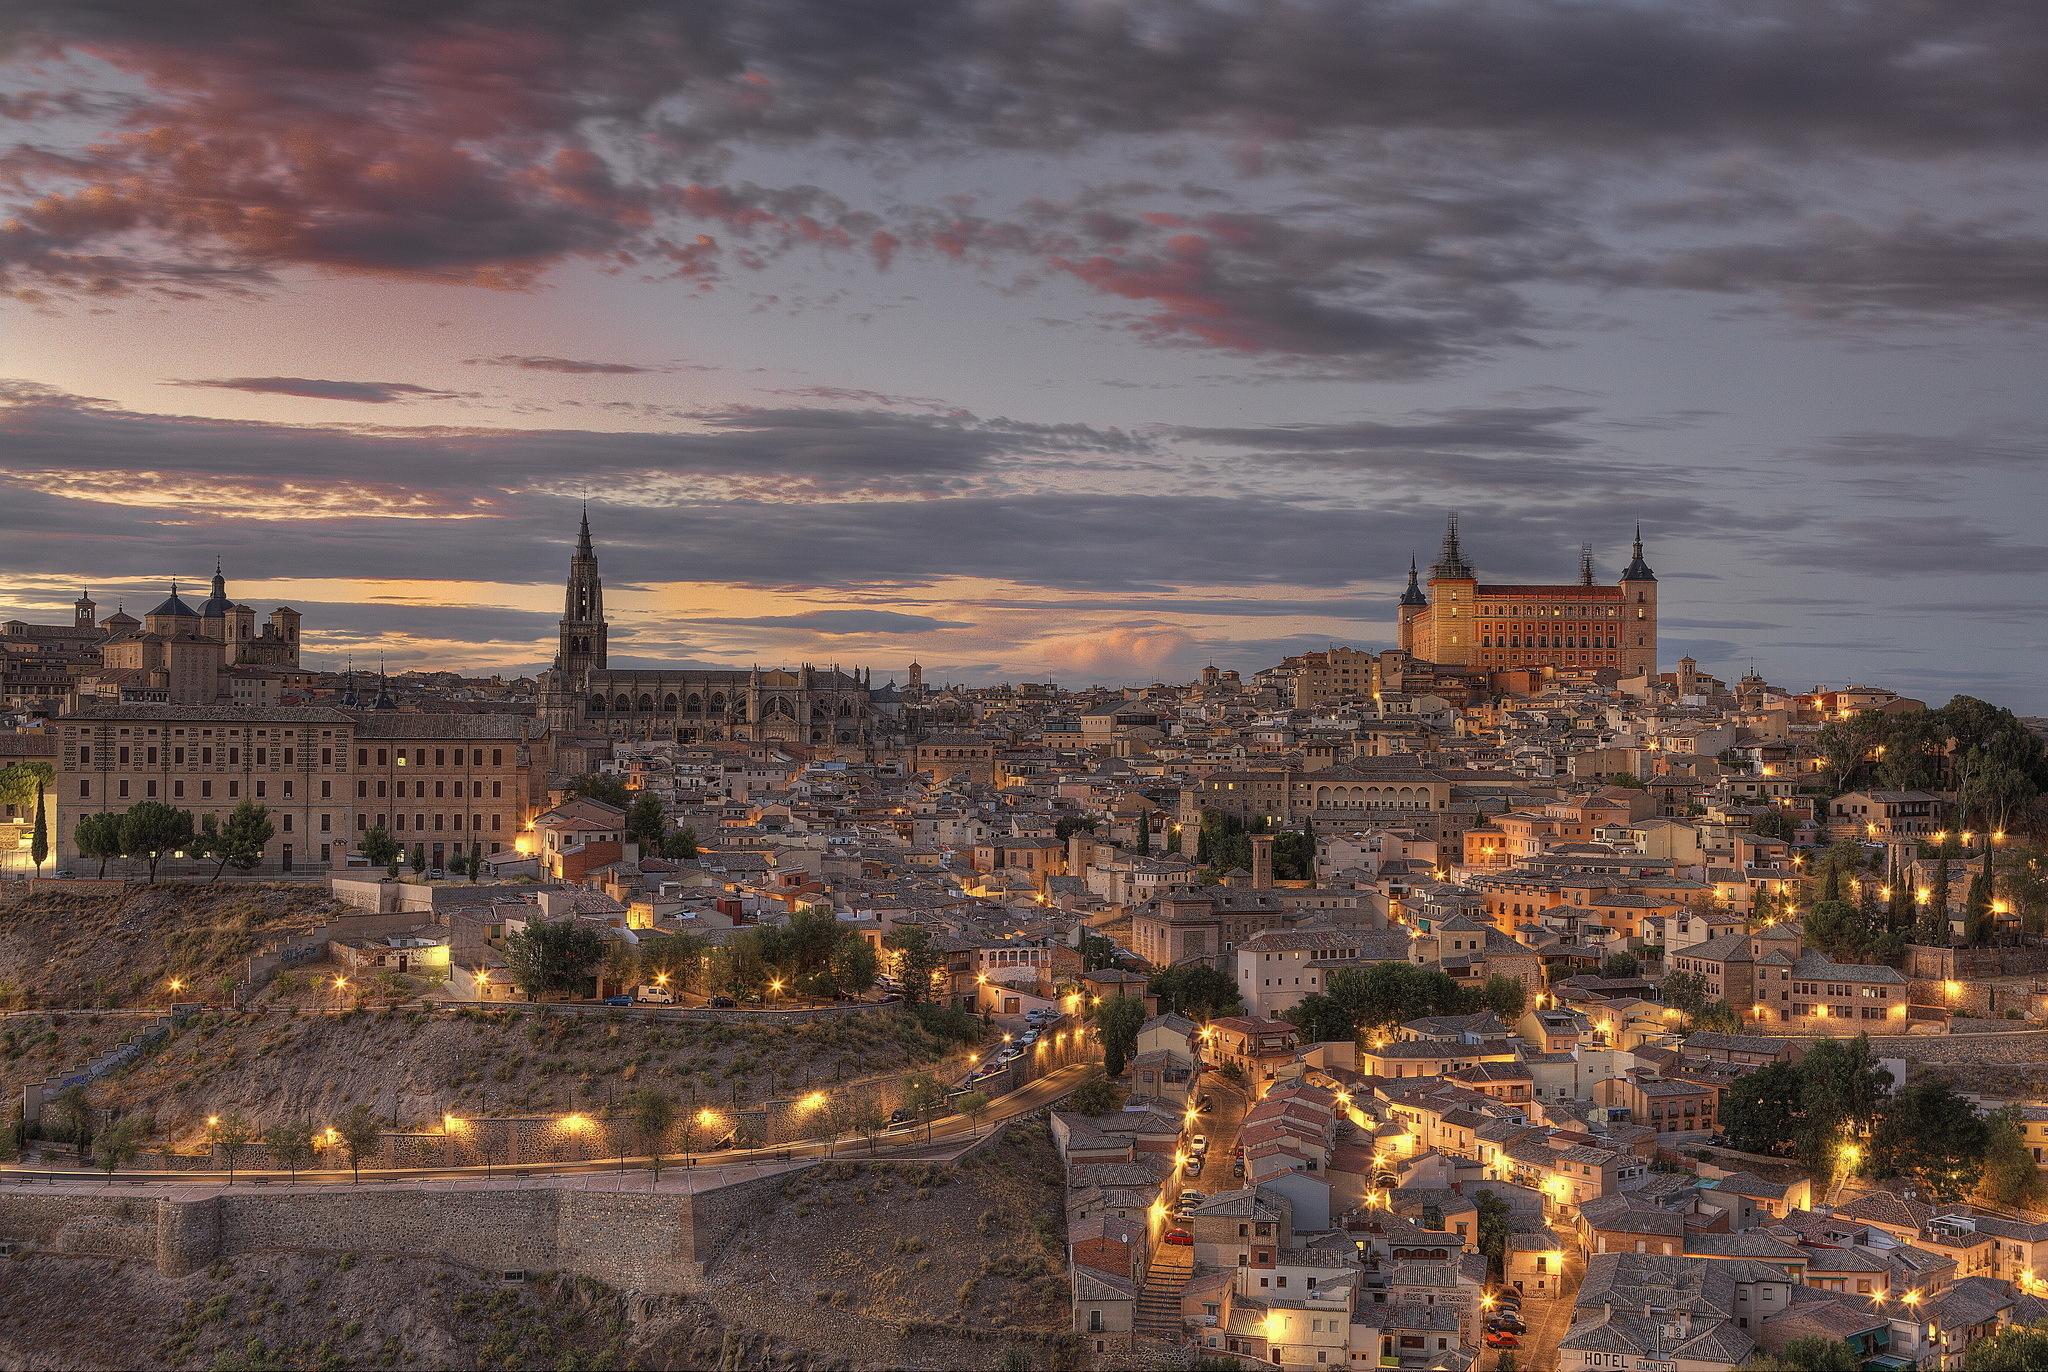 141434 télécharger le fond d'écran Villes, Crépuscule, Les Lumières, Lumières, Hdr, Espagne, Toledo, Tolède - économiseurs d'écran et images gratuitement